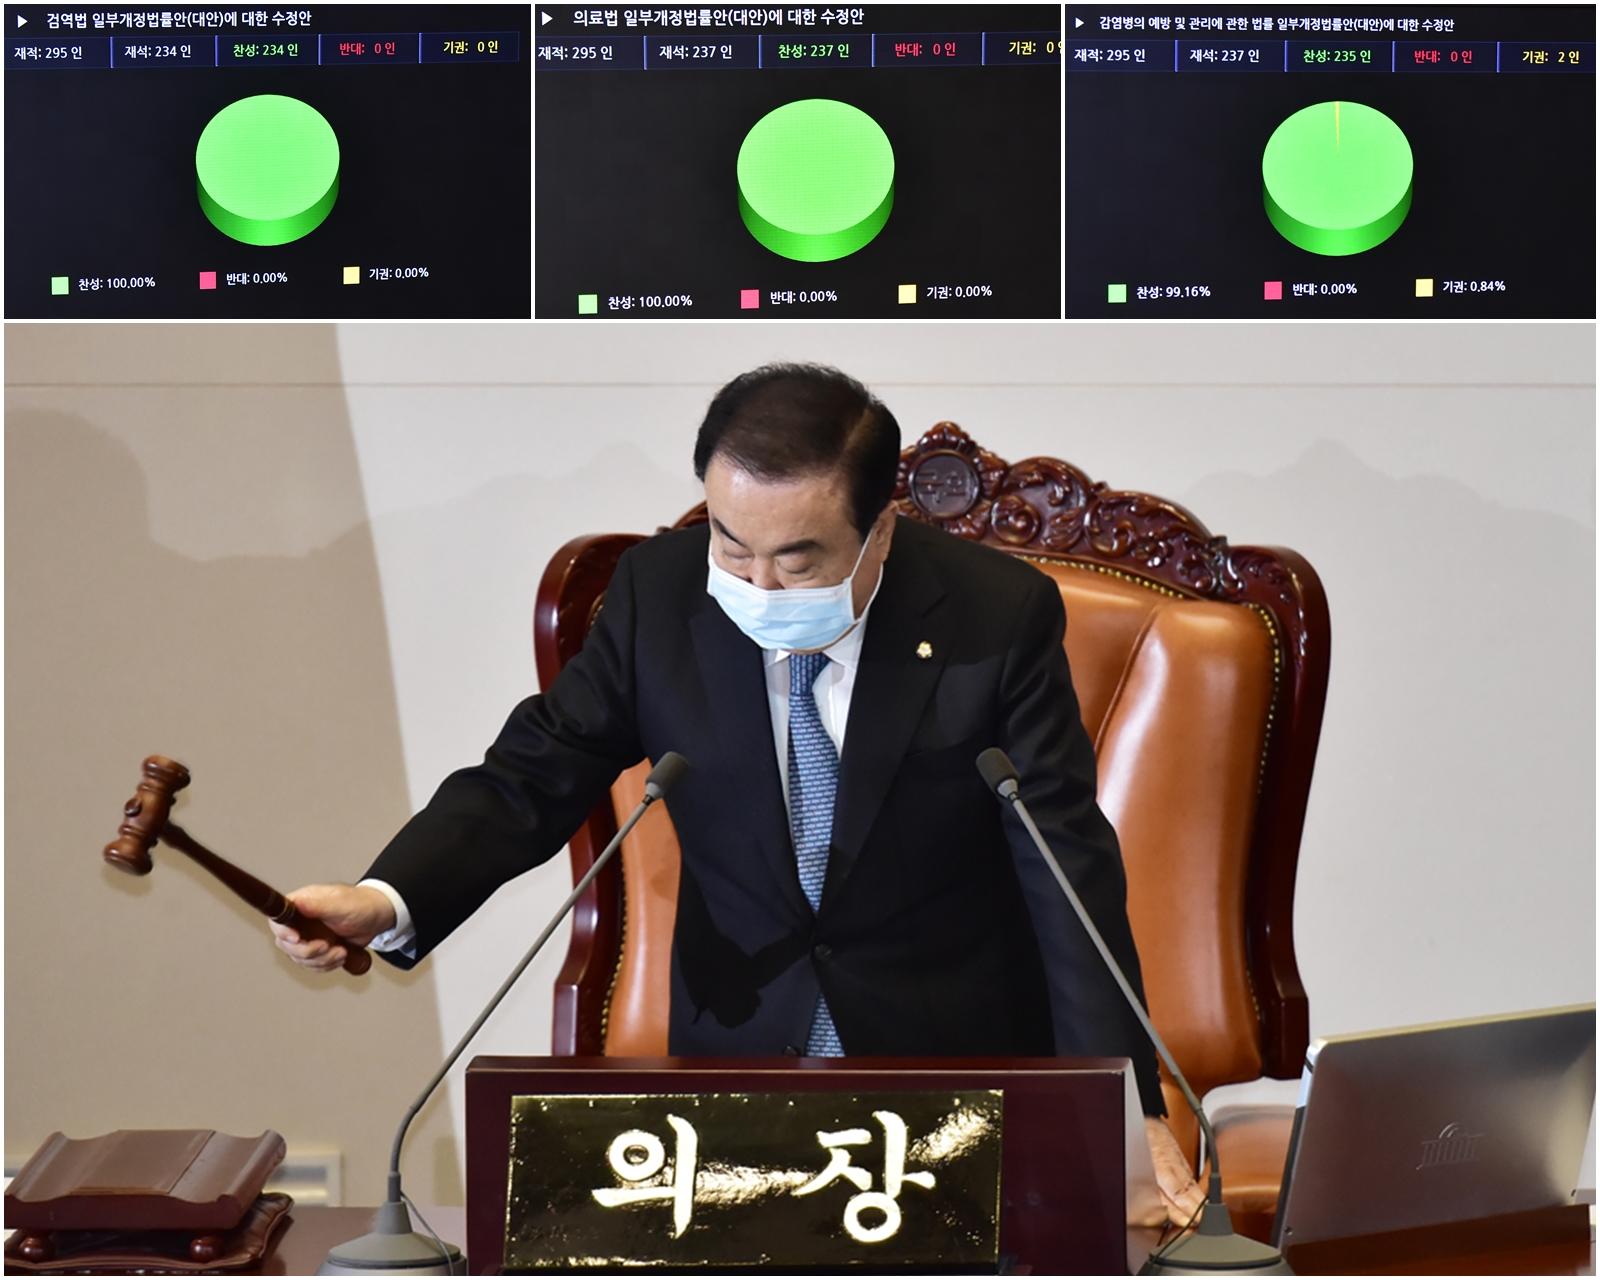 '코로나 3법' 국회 본회의 통과, 감염의심자 검사 거부시 벌금형